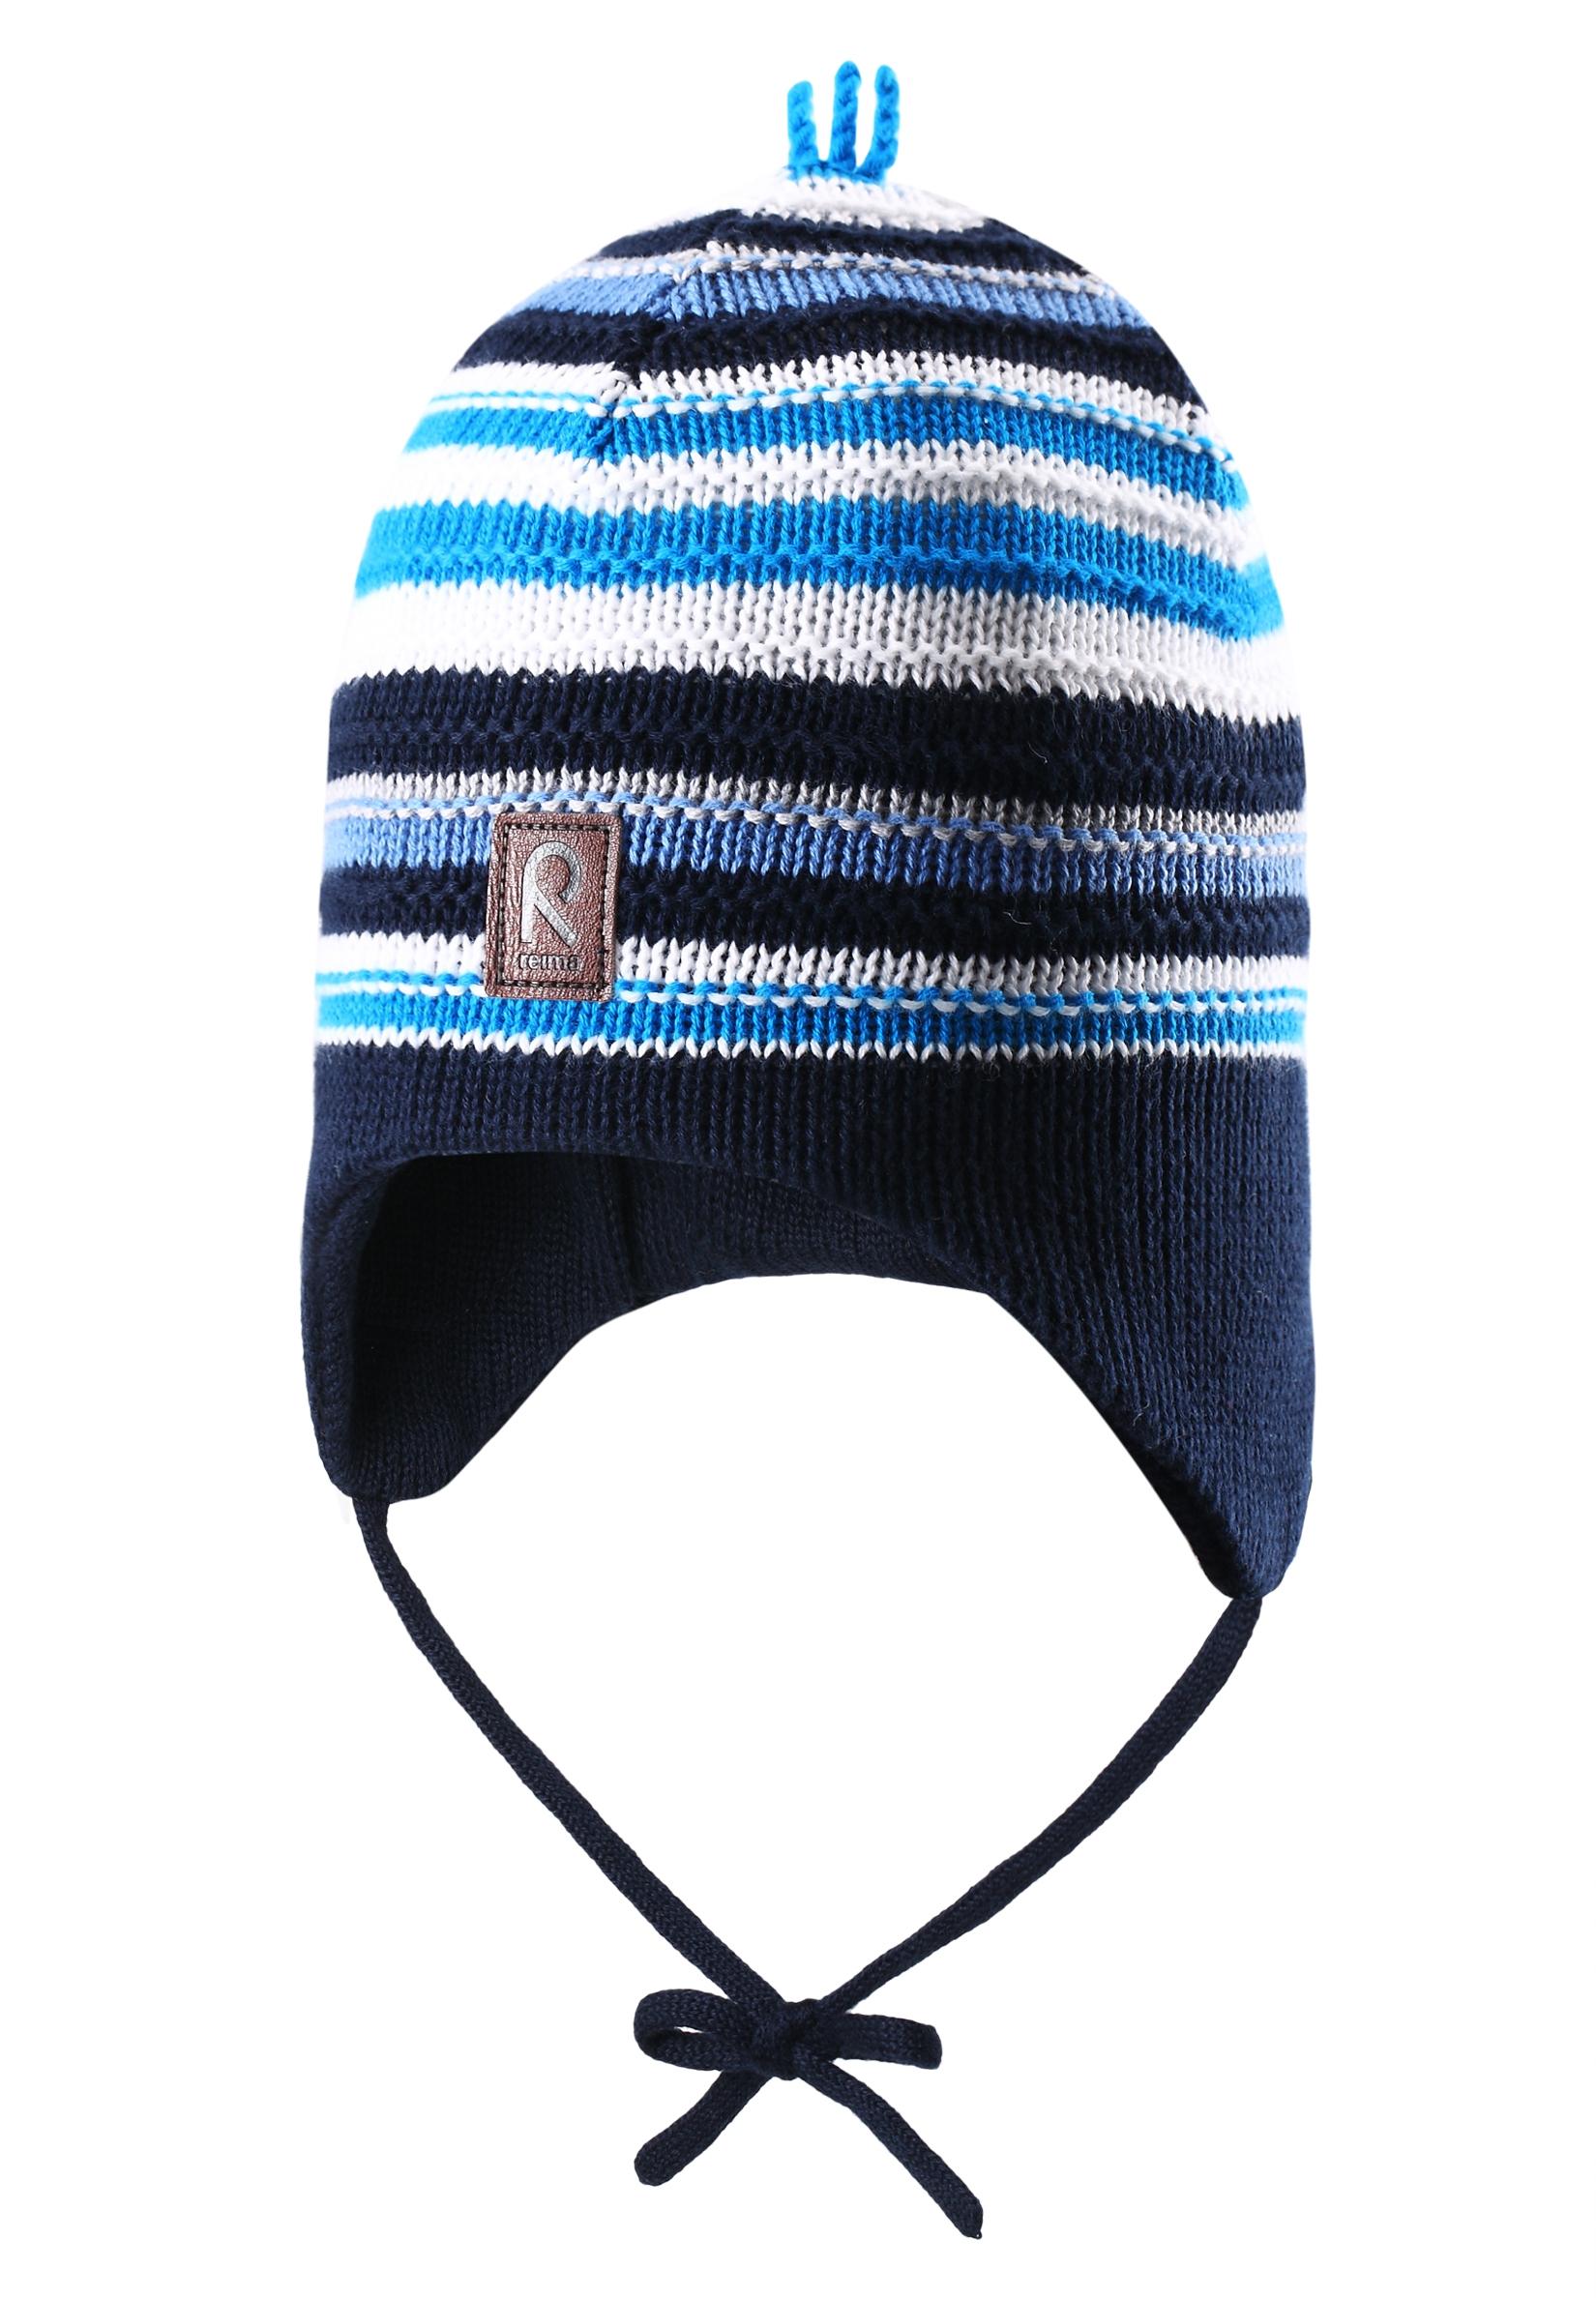 Фото - Головные уборы Reima Шапка для мальчика Beanie, Beetroot navy, синяя active cut out elastic vest in navy